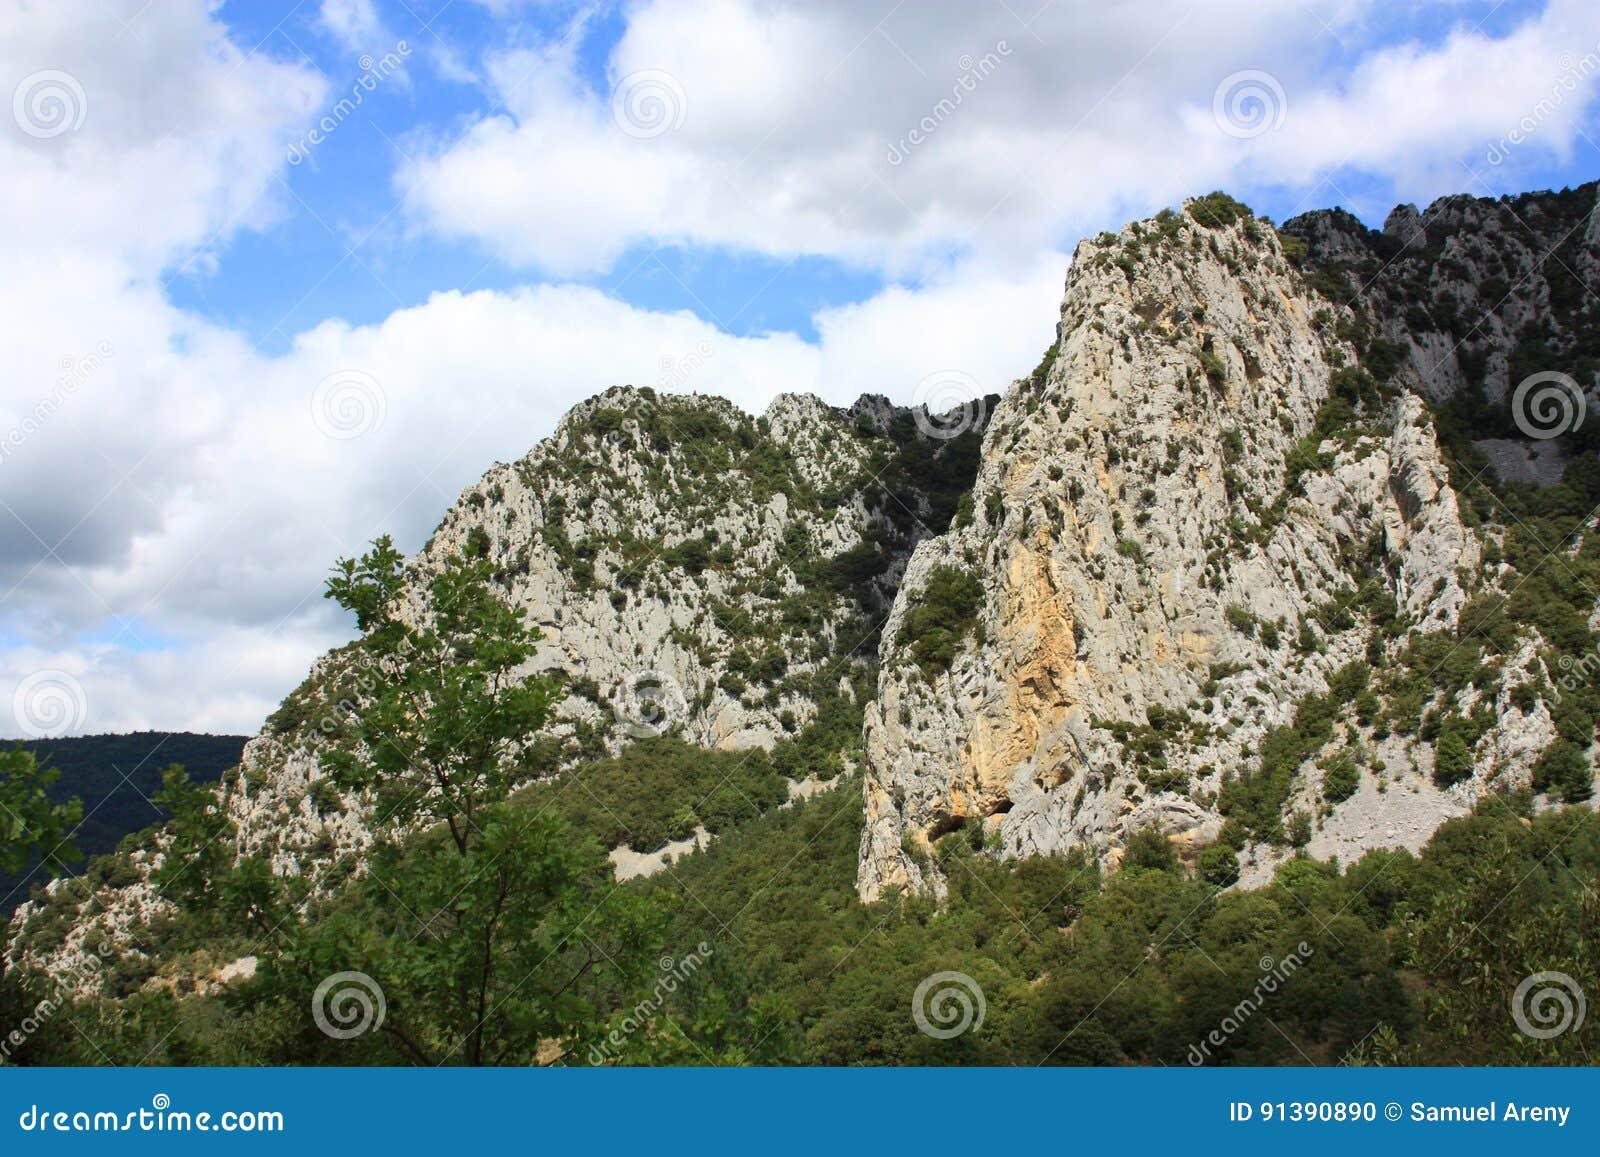 Canion van Pierre Lys in de Pyreneeën, Frankrijk